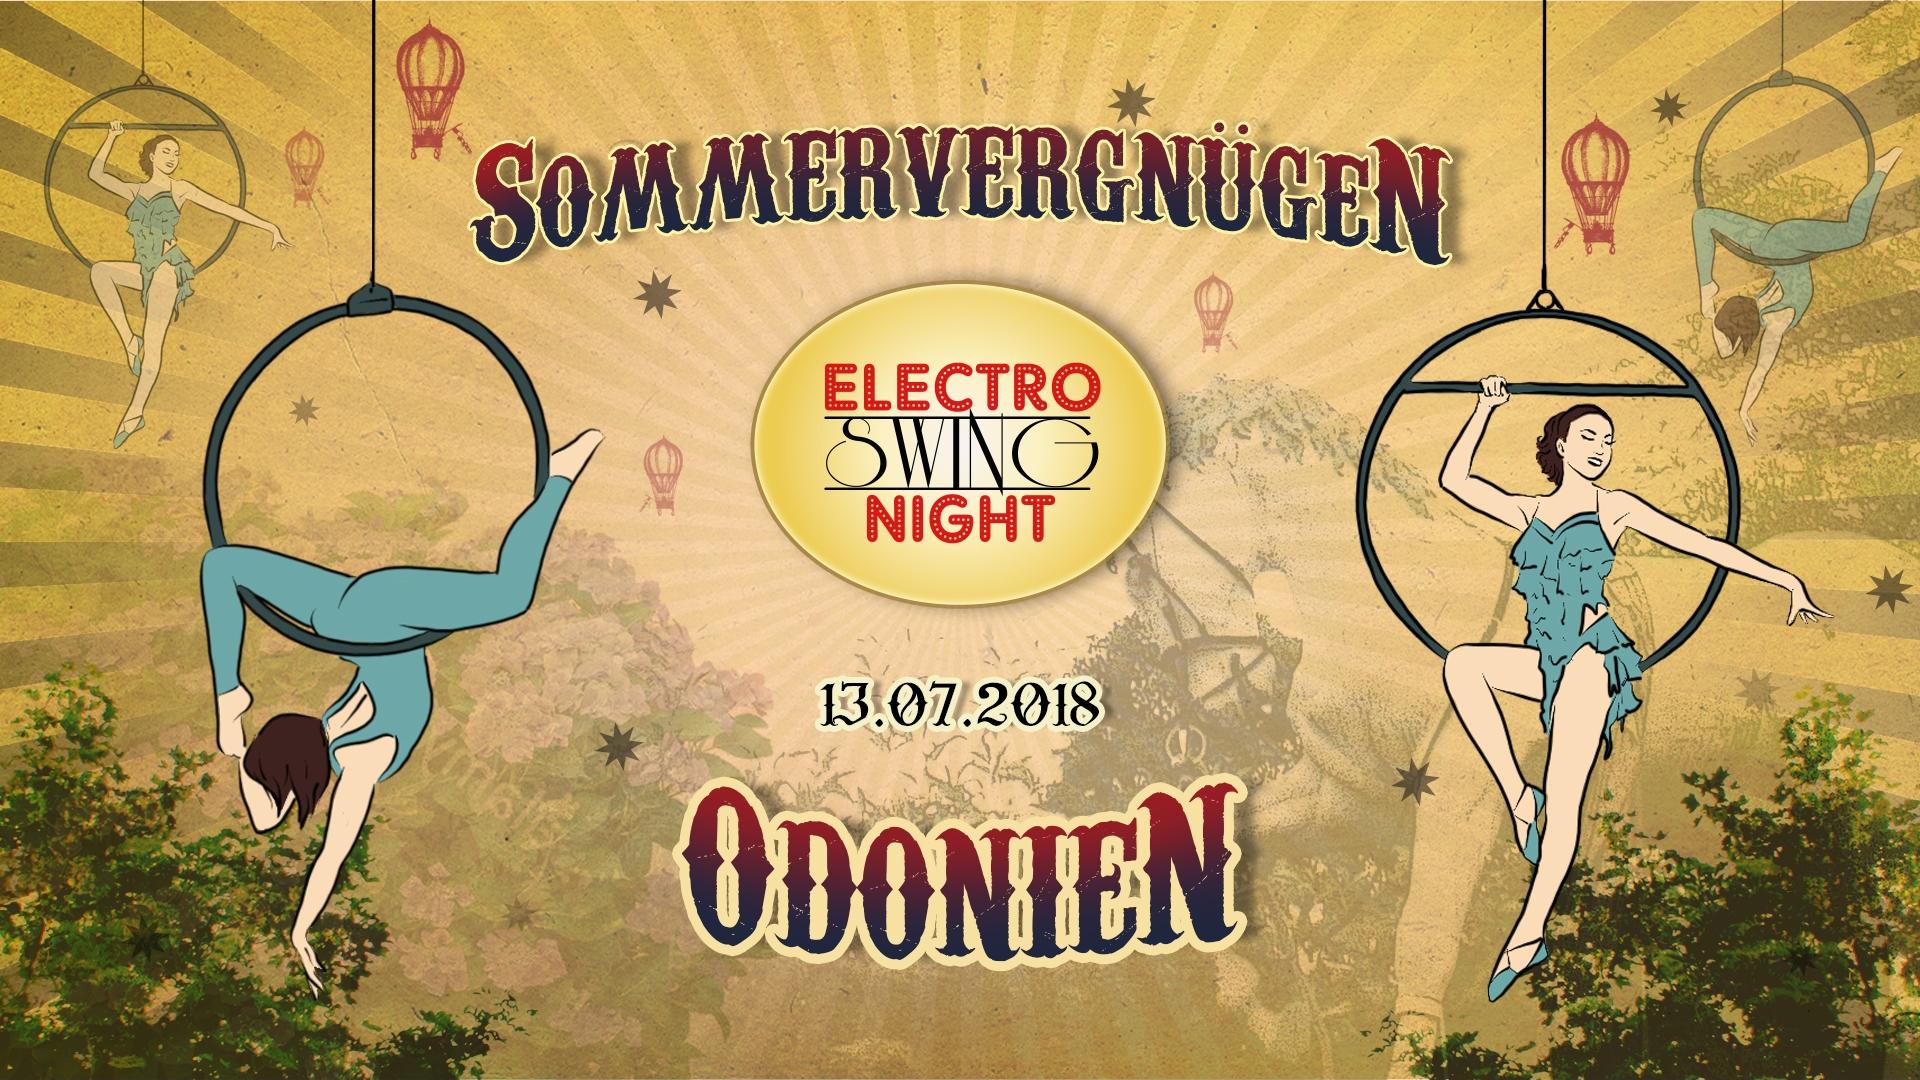 Electro Swing Night Sommervergnügen Odonien 13.07.2018